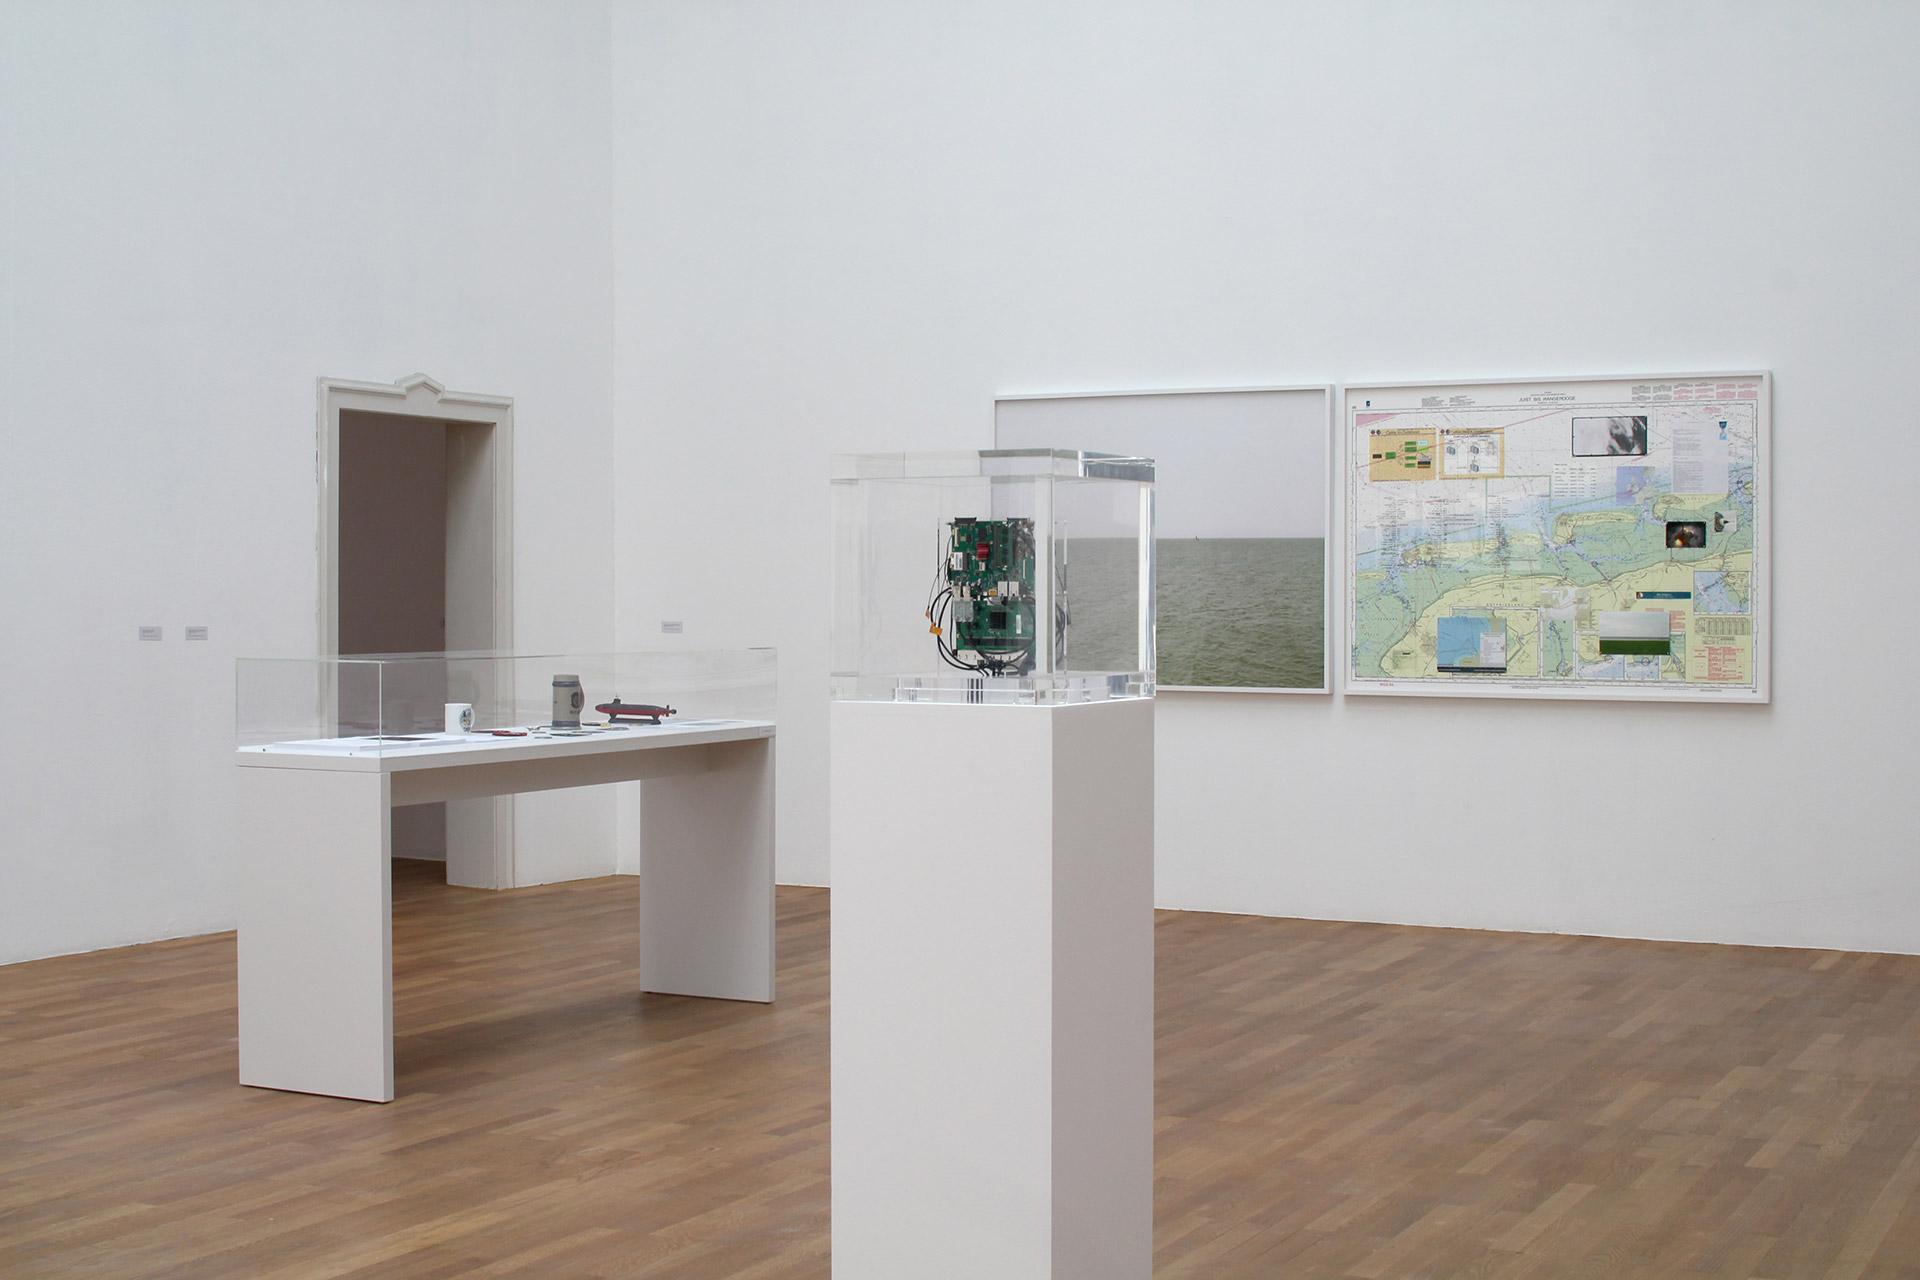 Kunsthalle-Winterthur-Trevor-Paglen-1.jpg